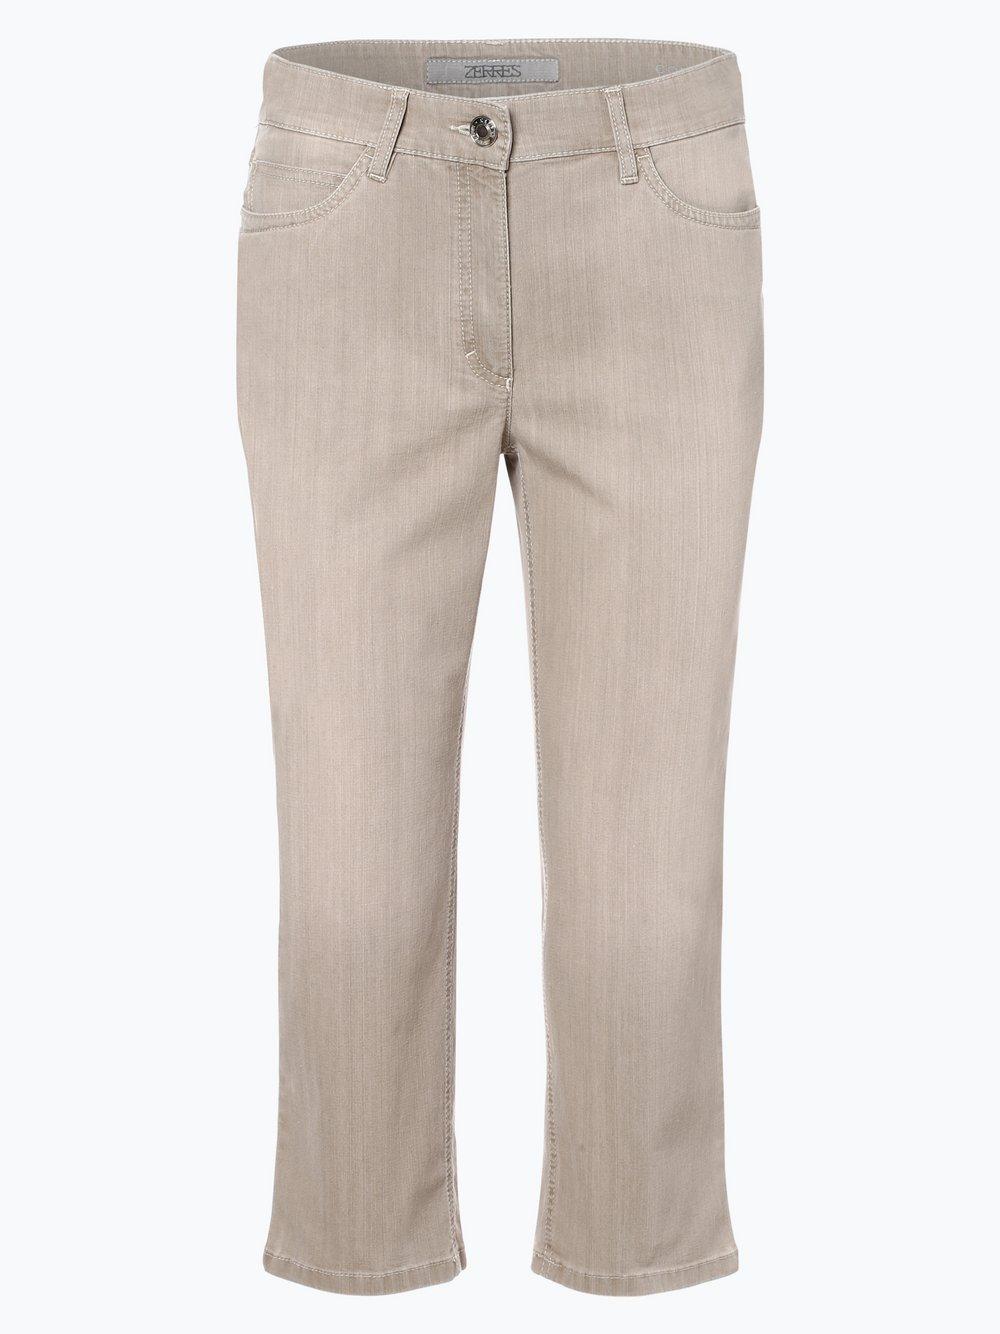 Zerres - Spodnie damskie, zielony